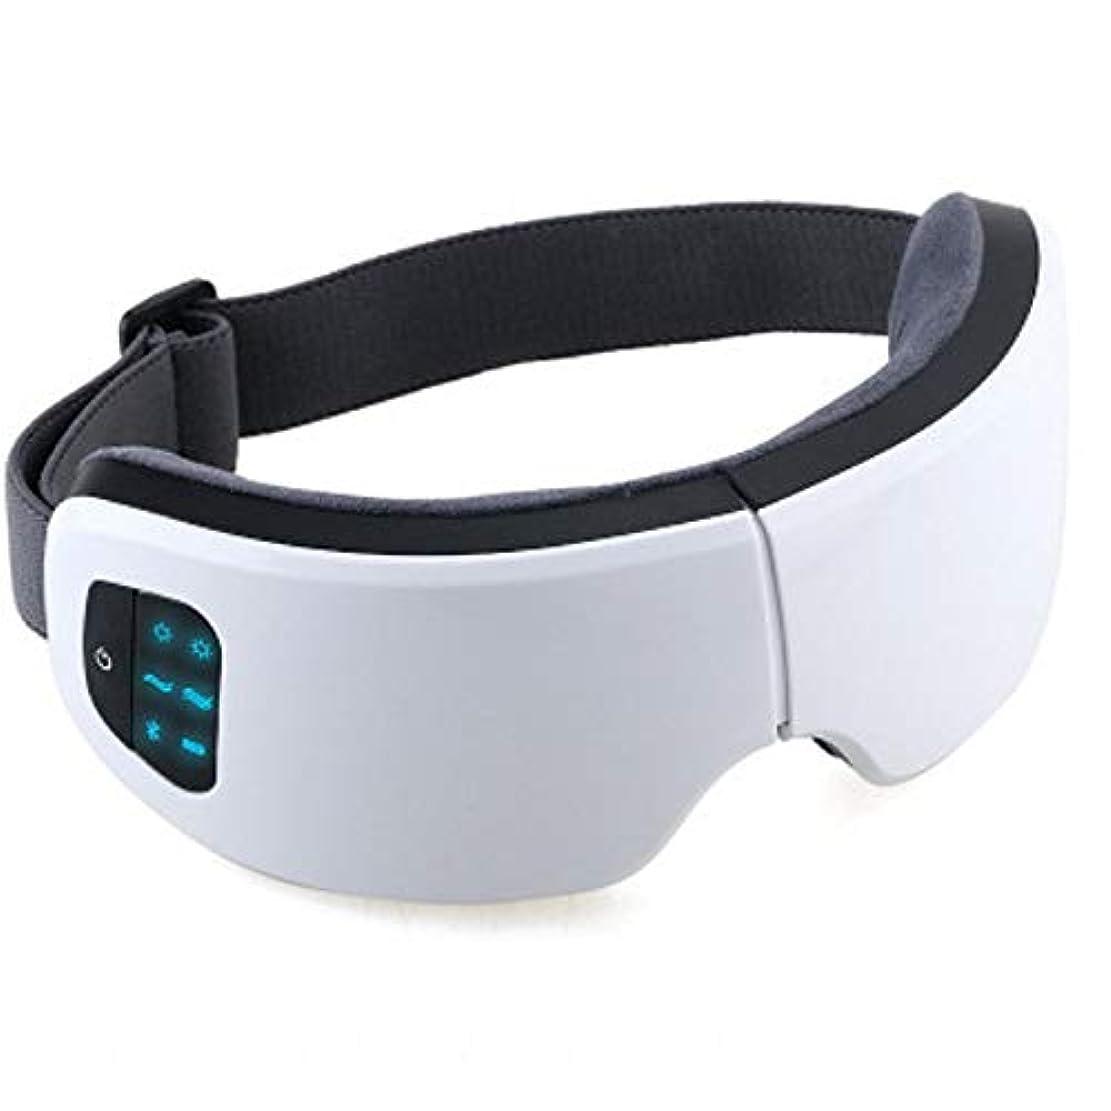 解釈ナチュラ医薬Meet now 高度の目のマッサージャー、暖房モードの無線再充電可能な折る目のマッサージャー 品質保証